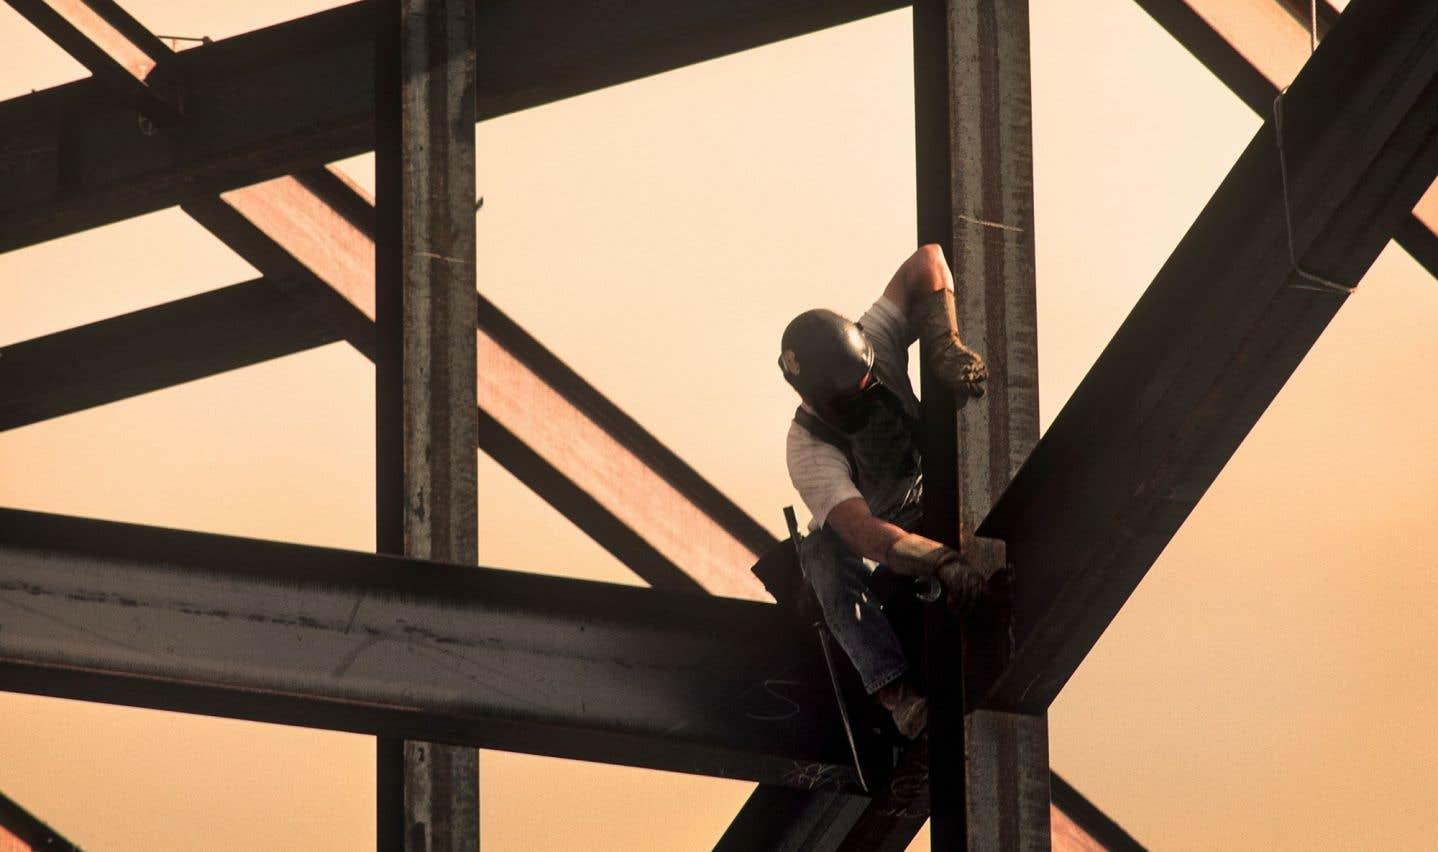 Au troisième trimestre, près de 250 personnes ont quitté la firme d'ingénierie WSP, ce qui représente près de 3% son effectif canadien actuel de 8100 employés.